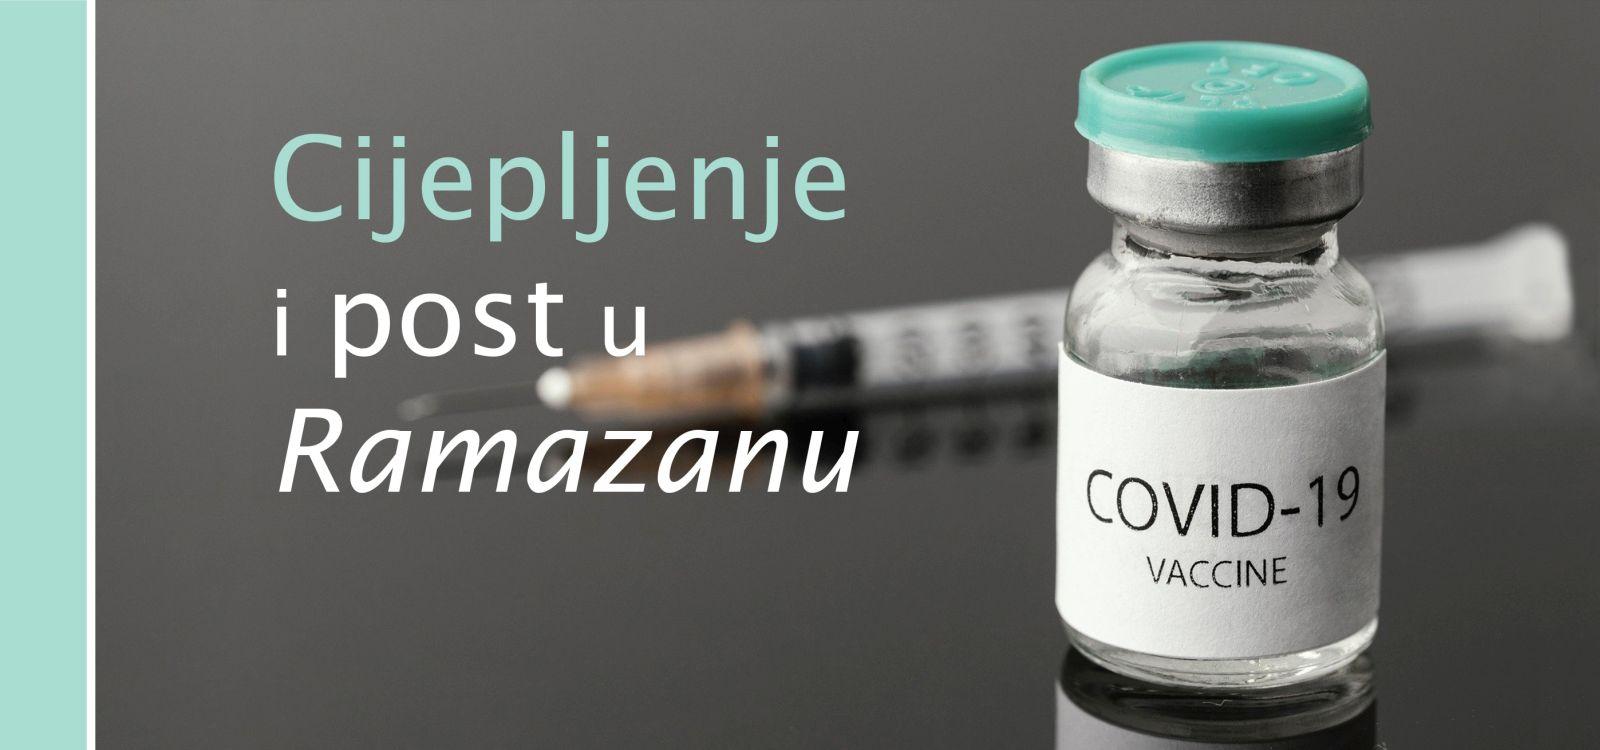 Cijepljenje i post - Covid-19